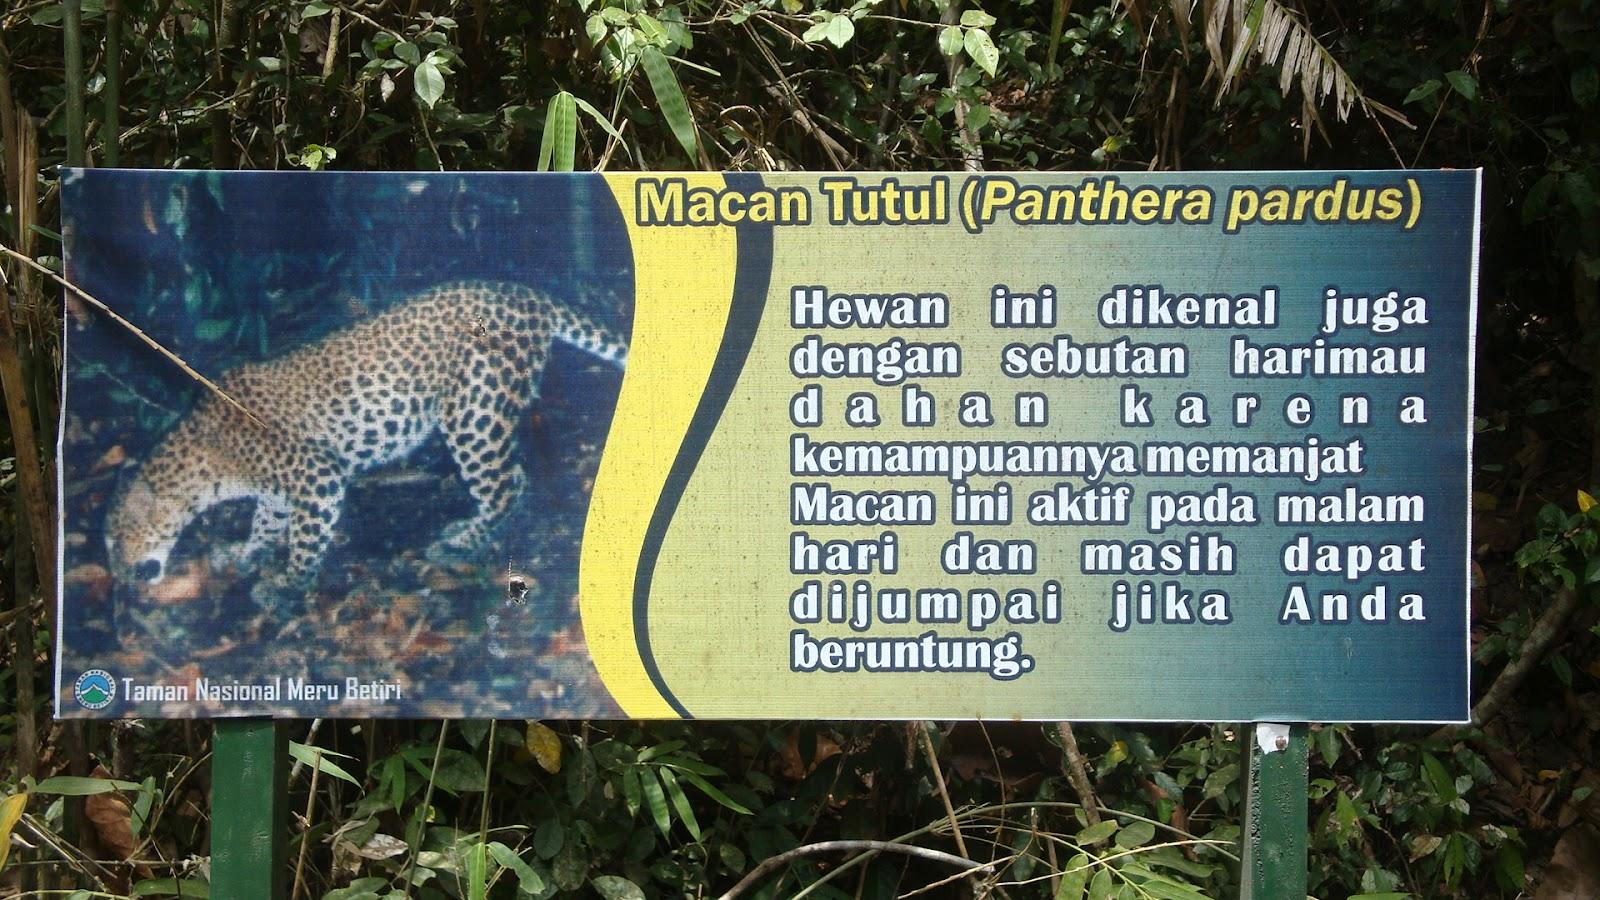 Taman Nasional Meru Betiri 3 Jpeg